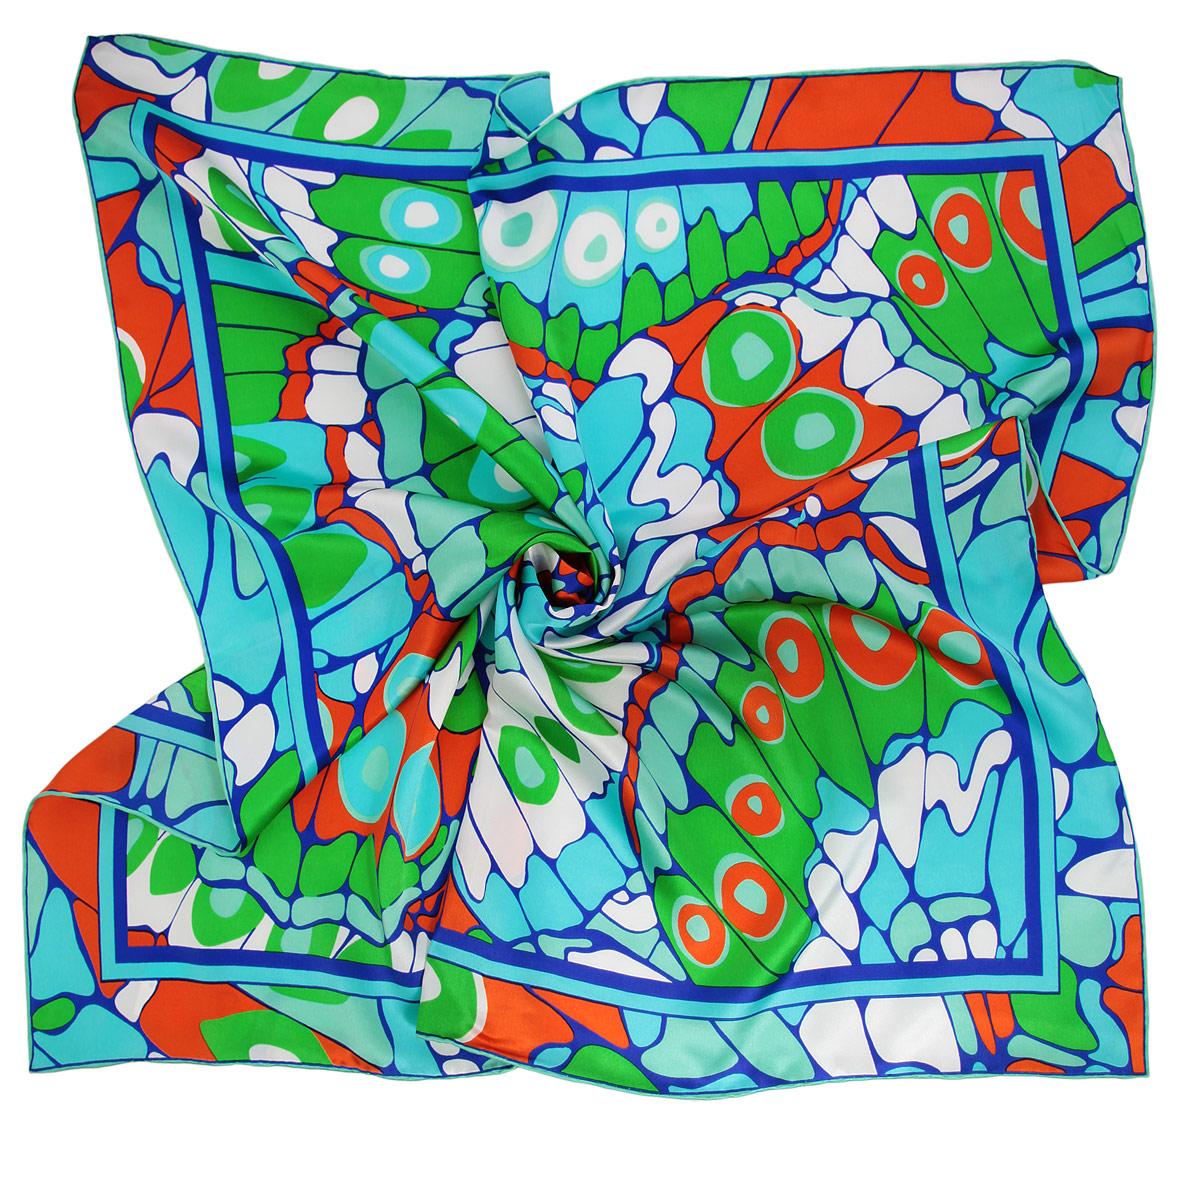 Платок женский Venera, цвет: бирюзовый, зеленый, оранжевый. 1801629-6. Размер 90 см х 90 см1801629-6 ПлатокОчаровательный платок Venera подчеркнет ваш неповторимый образ. Изделие выполнено из натурального шелка и оформлено ярким орнаментом. Края платка обработаны вручную. Этот модный аксессуар женского гардероба гармонично дополнит образ современной женщины, следящей за своим имиджем и стремящейся всегда оставаться стильной и элегантной.